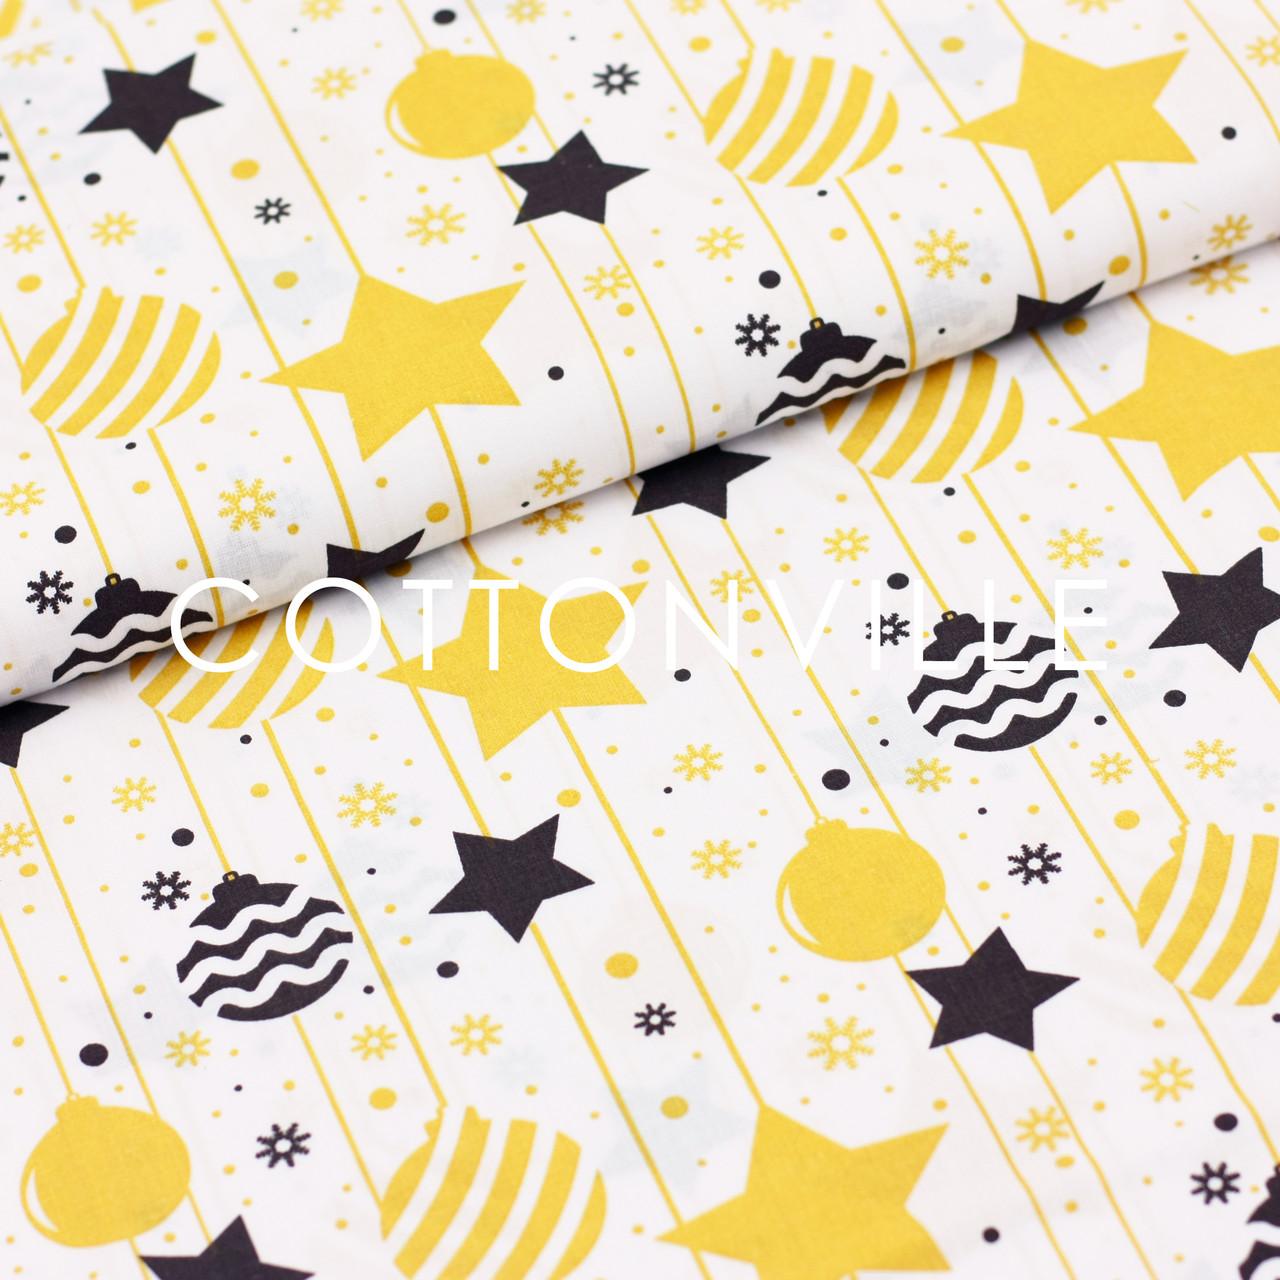 ✁ Отрезы Хлопковой ткани Звездочки золотисто-желтые и графитовые